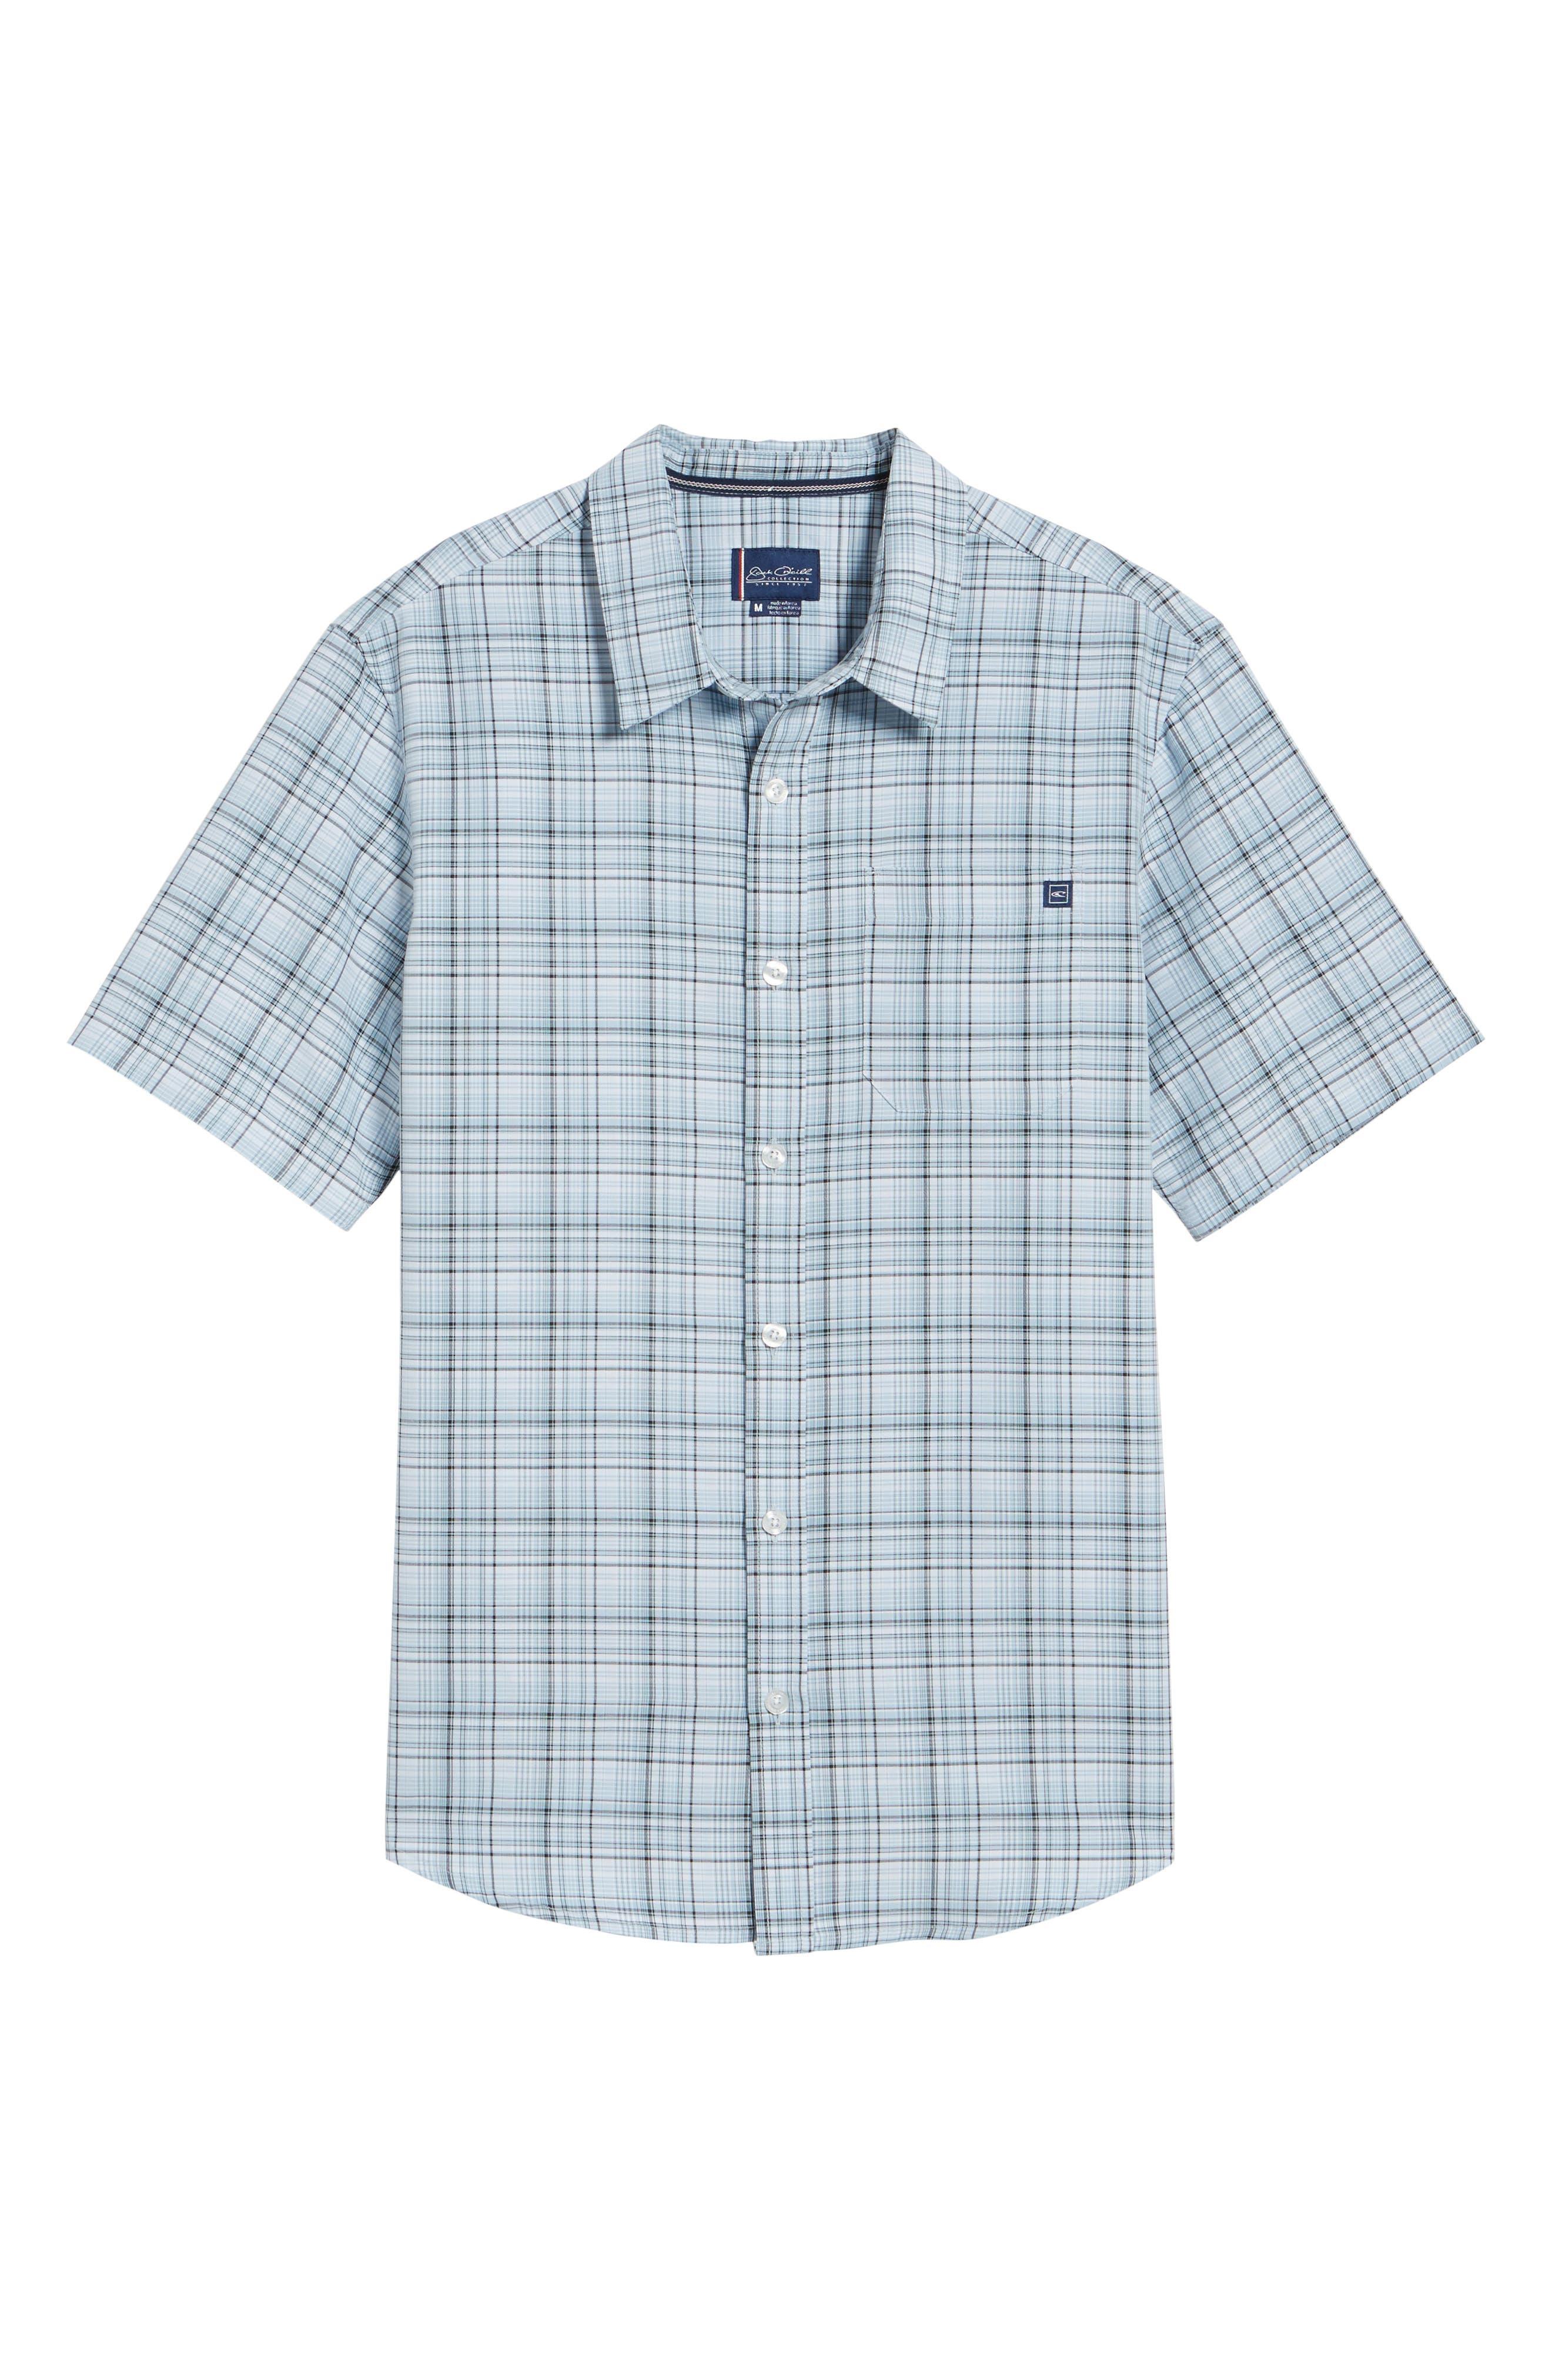 Shores Plaid Sport Shirt,                             Alternate thumbnail 6, color,                             400